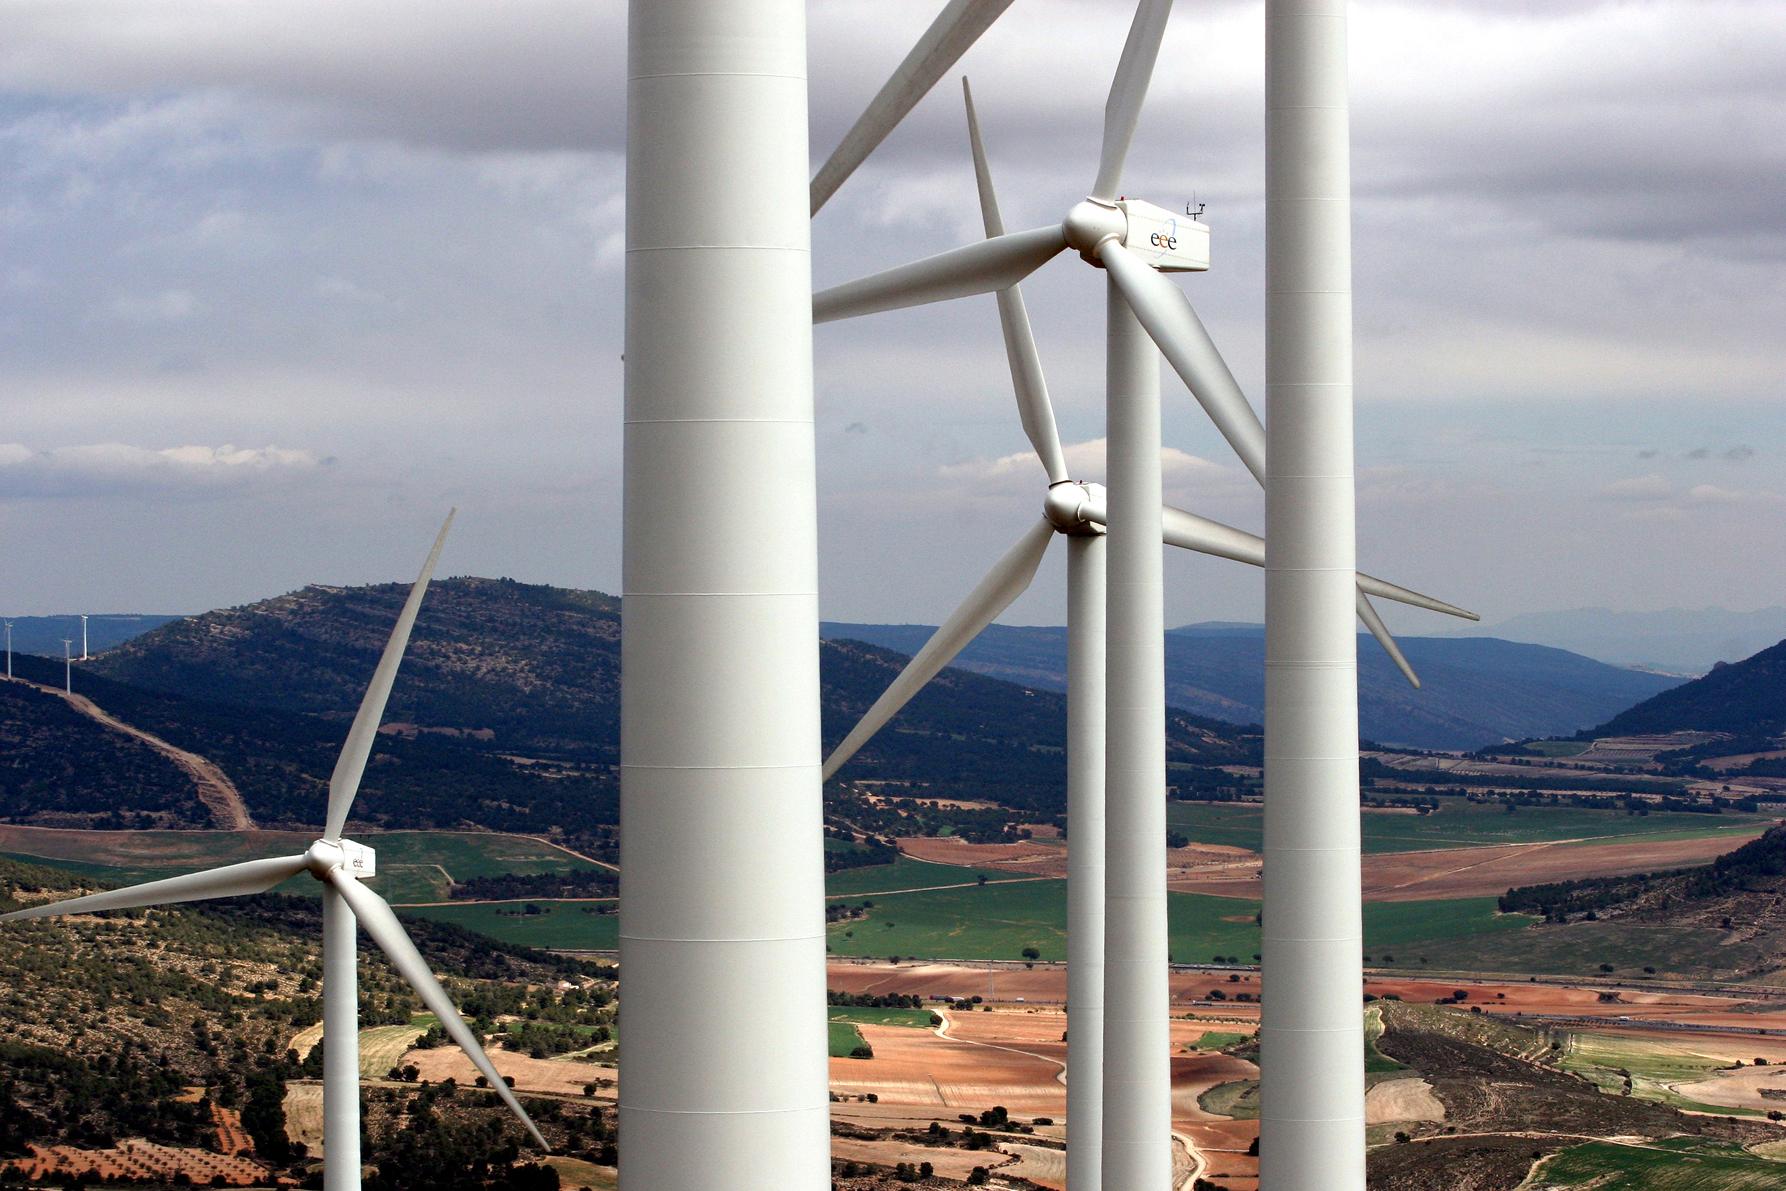 La energía eólica en España creció un 5,1% en 2011